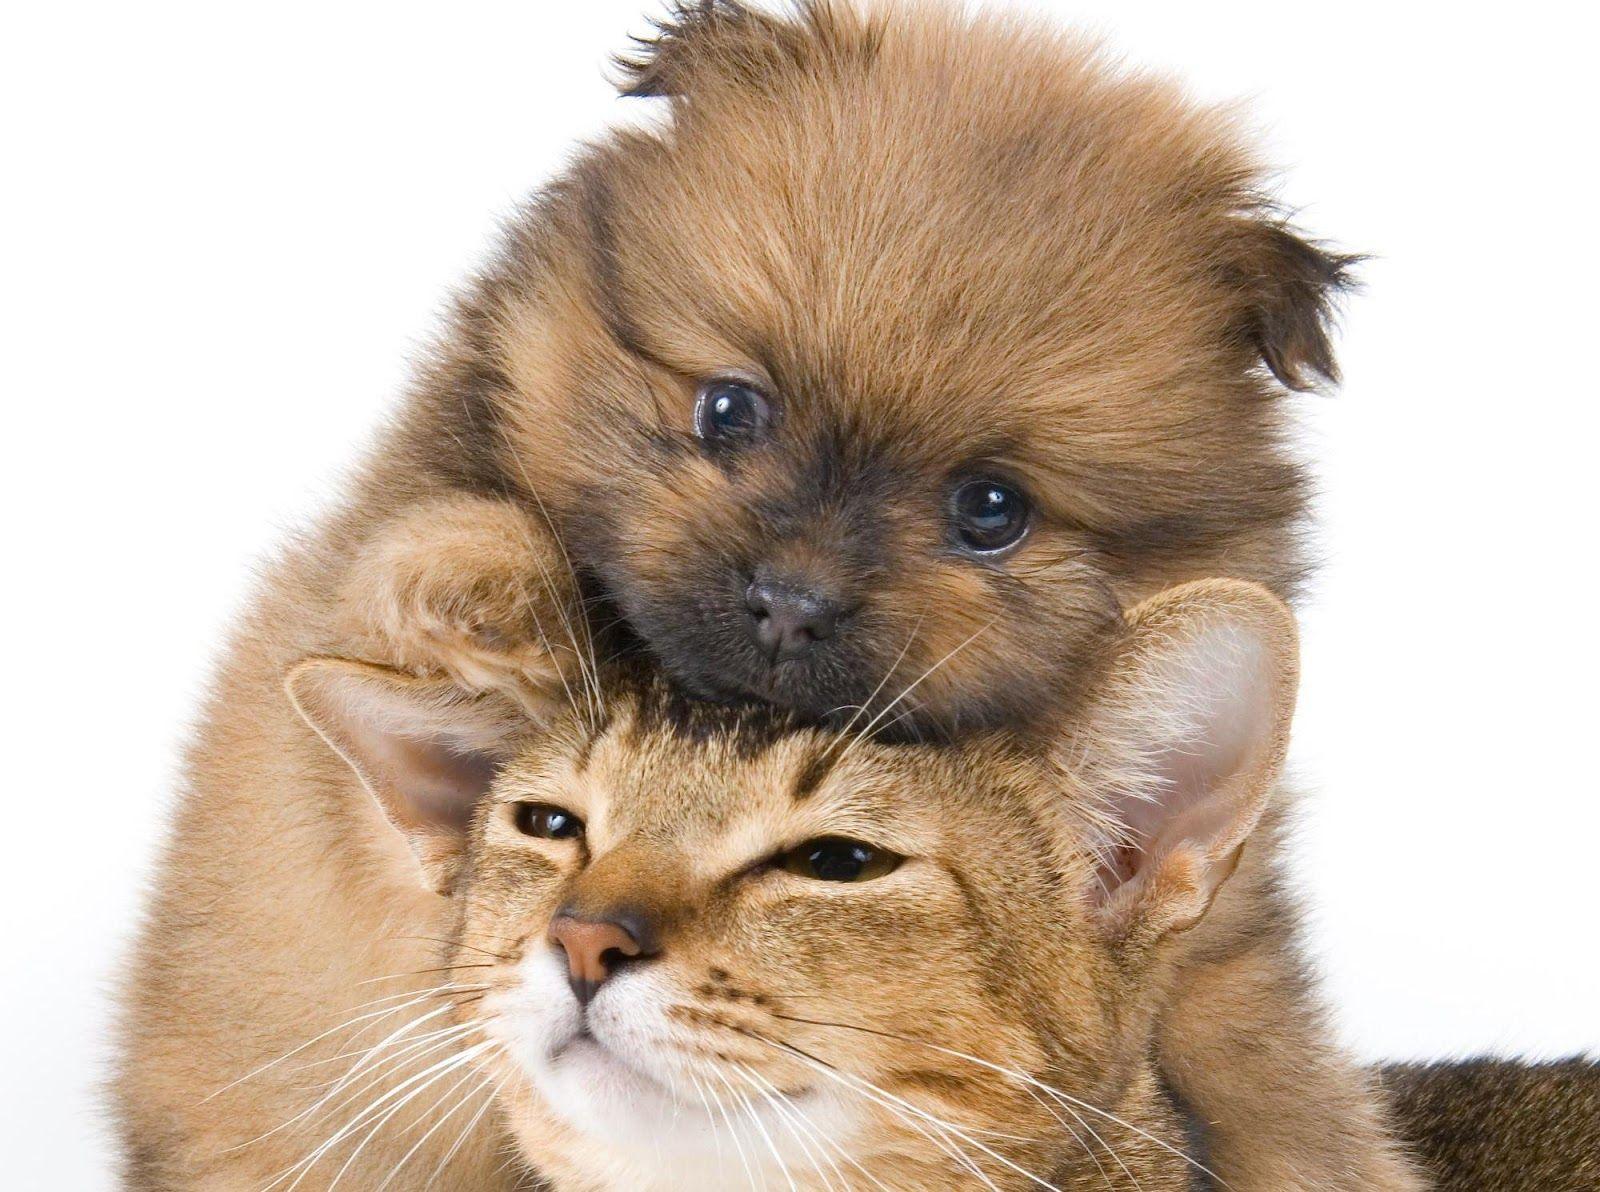 всего-навсего готовят картинки з котиками собачками вчера курсировала калининградскому